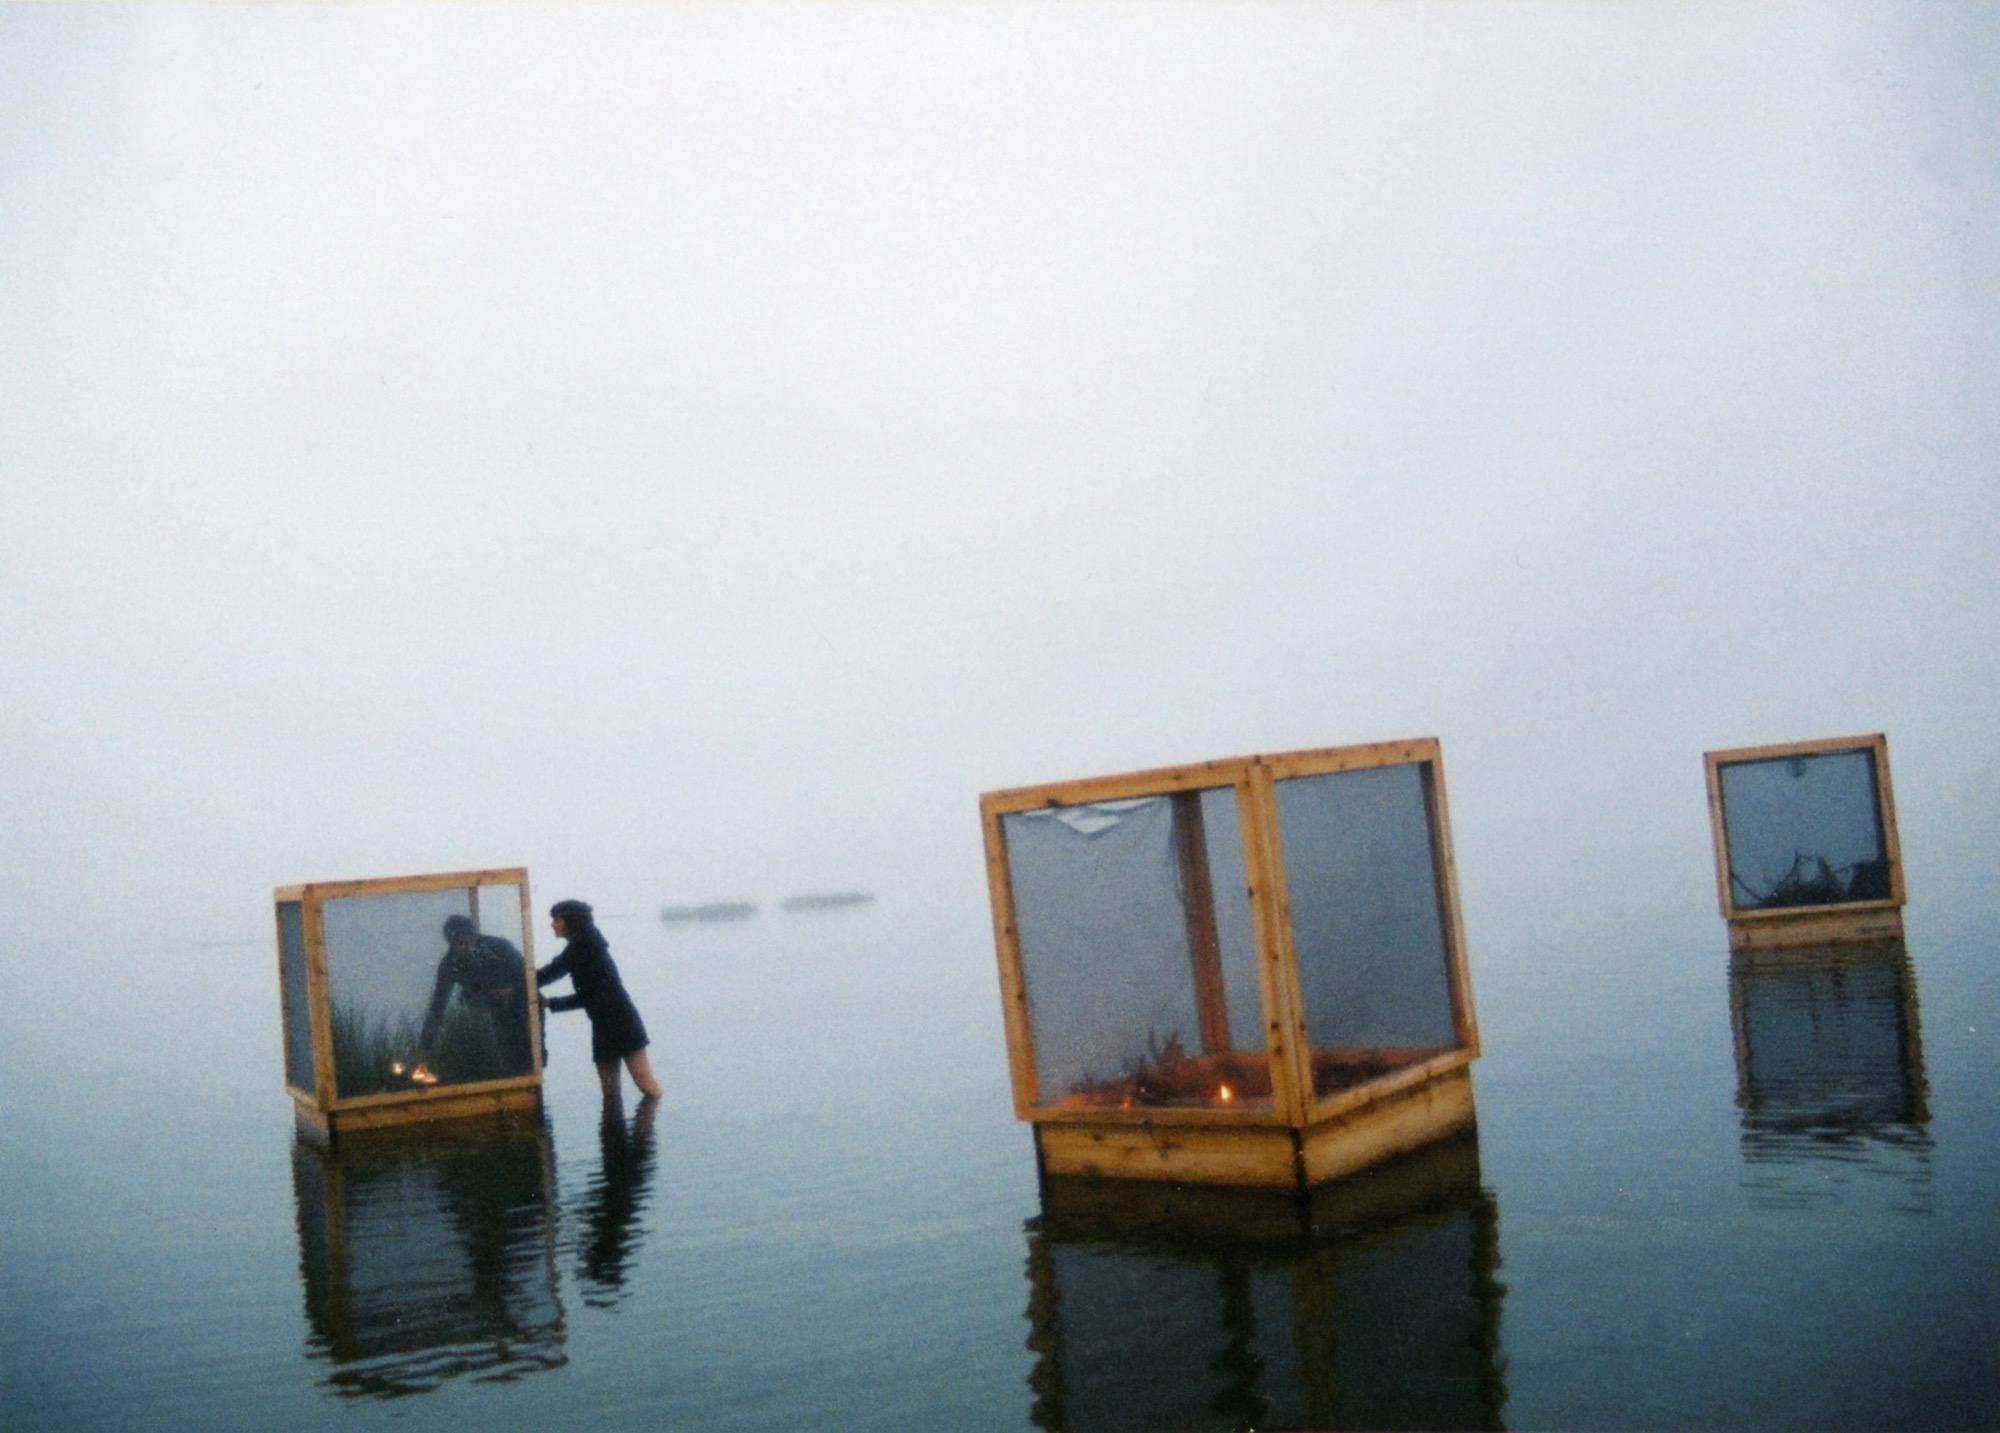 Jardins flottants 06 - APT